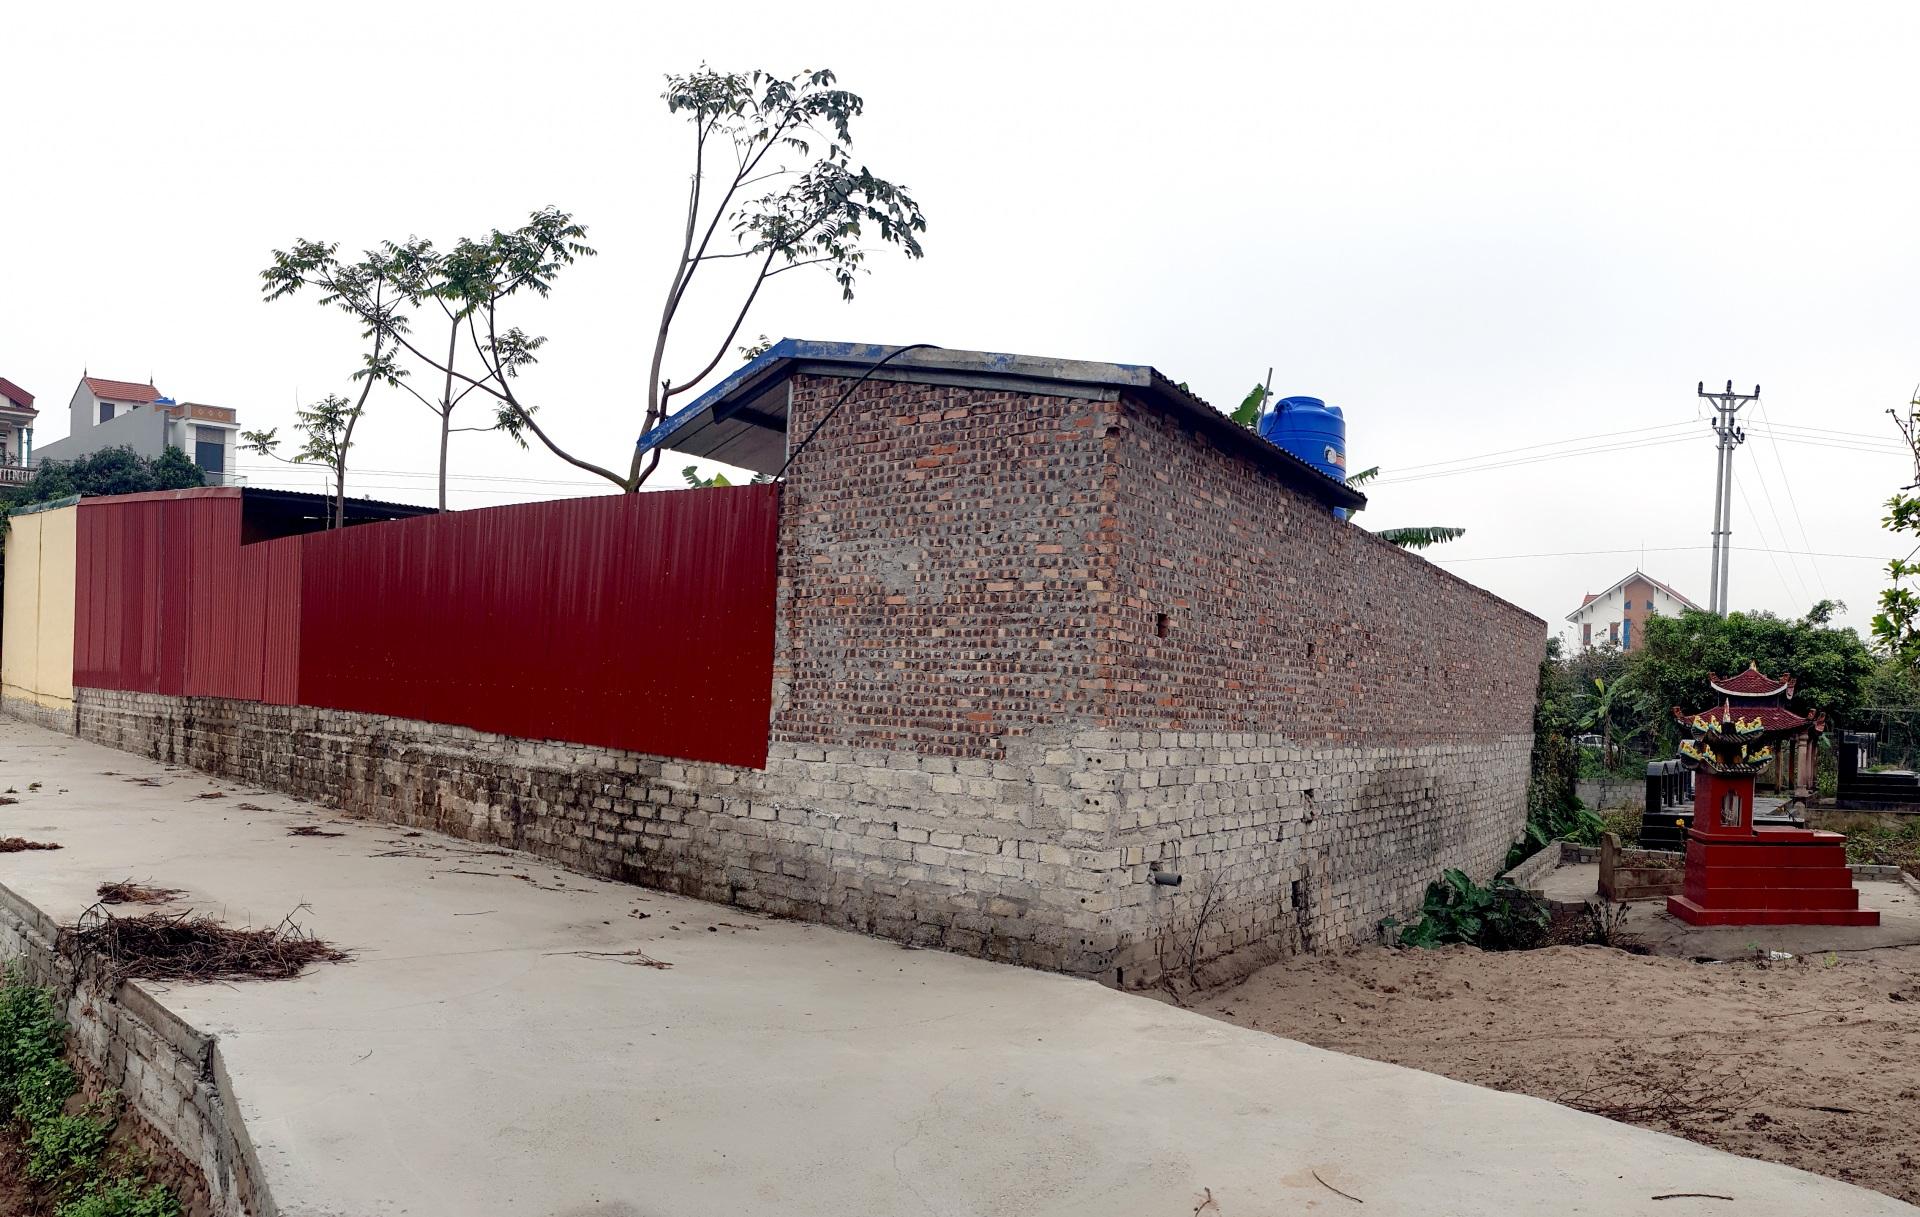 Yên Mỹ - Hưng Yên Cần rà soát lại các công trình xây dựng tại thôn Lãng Cầu